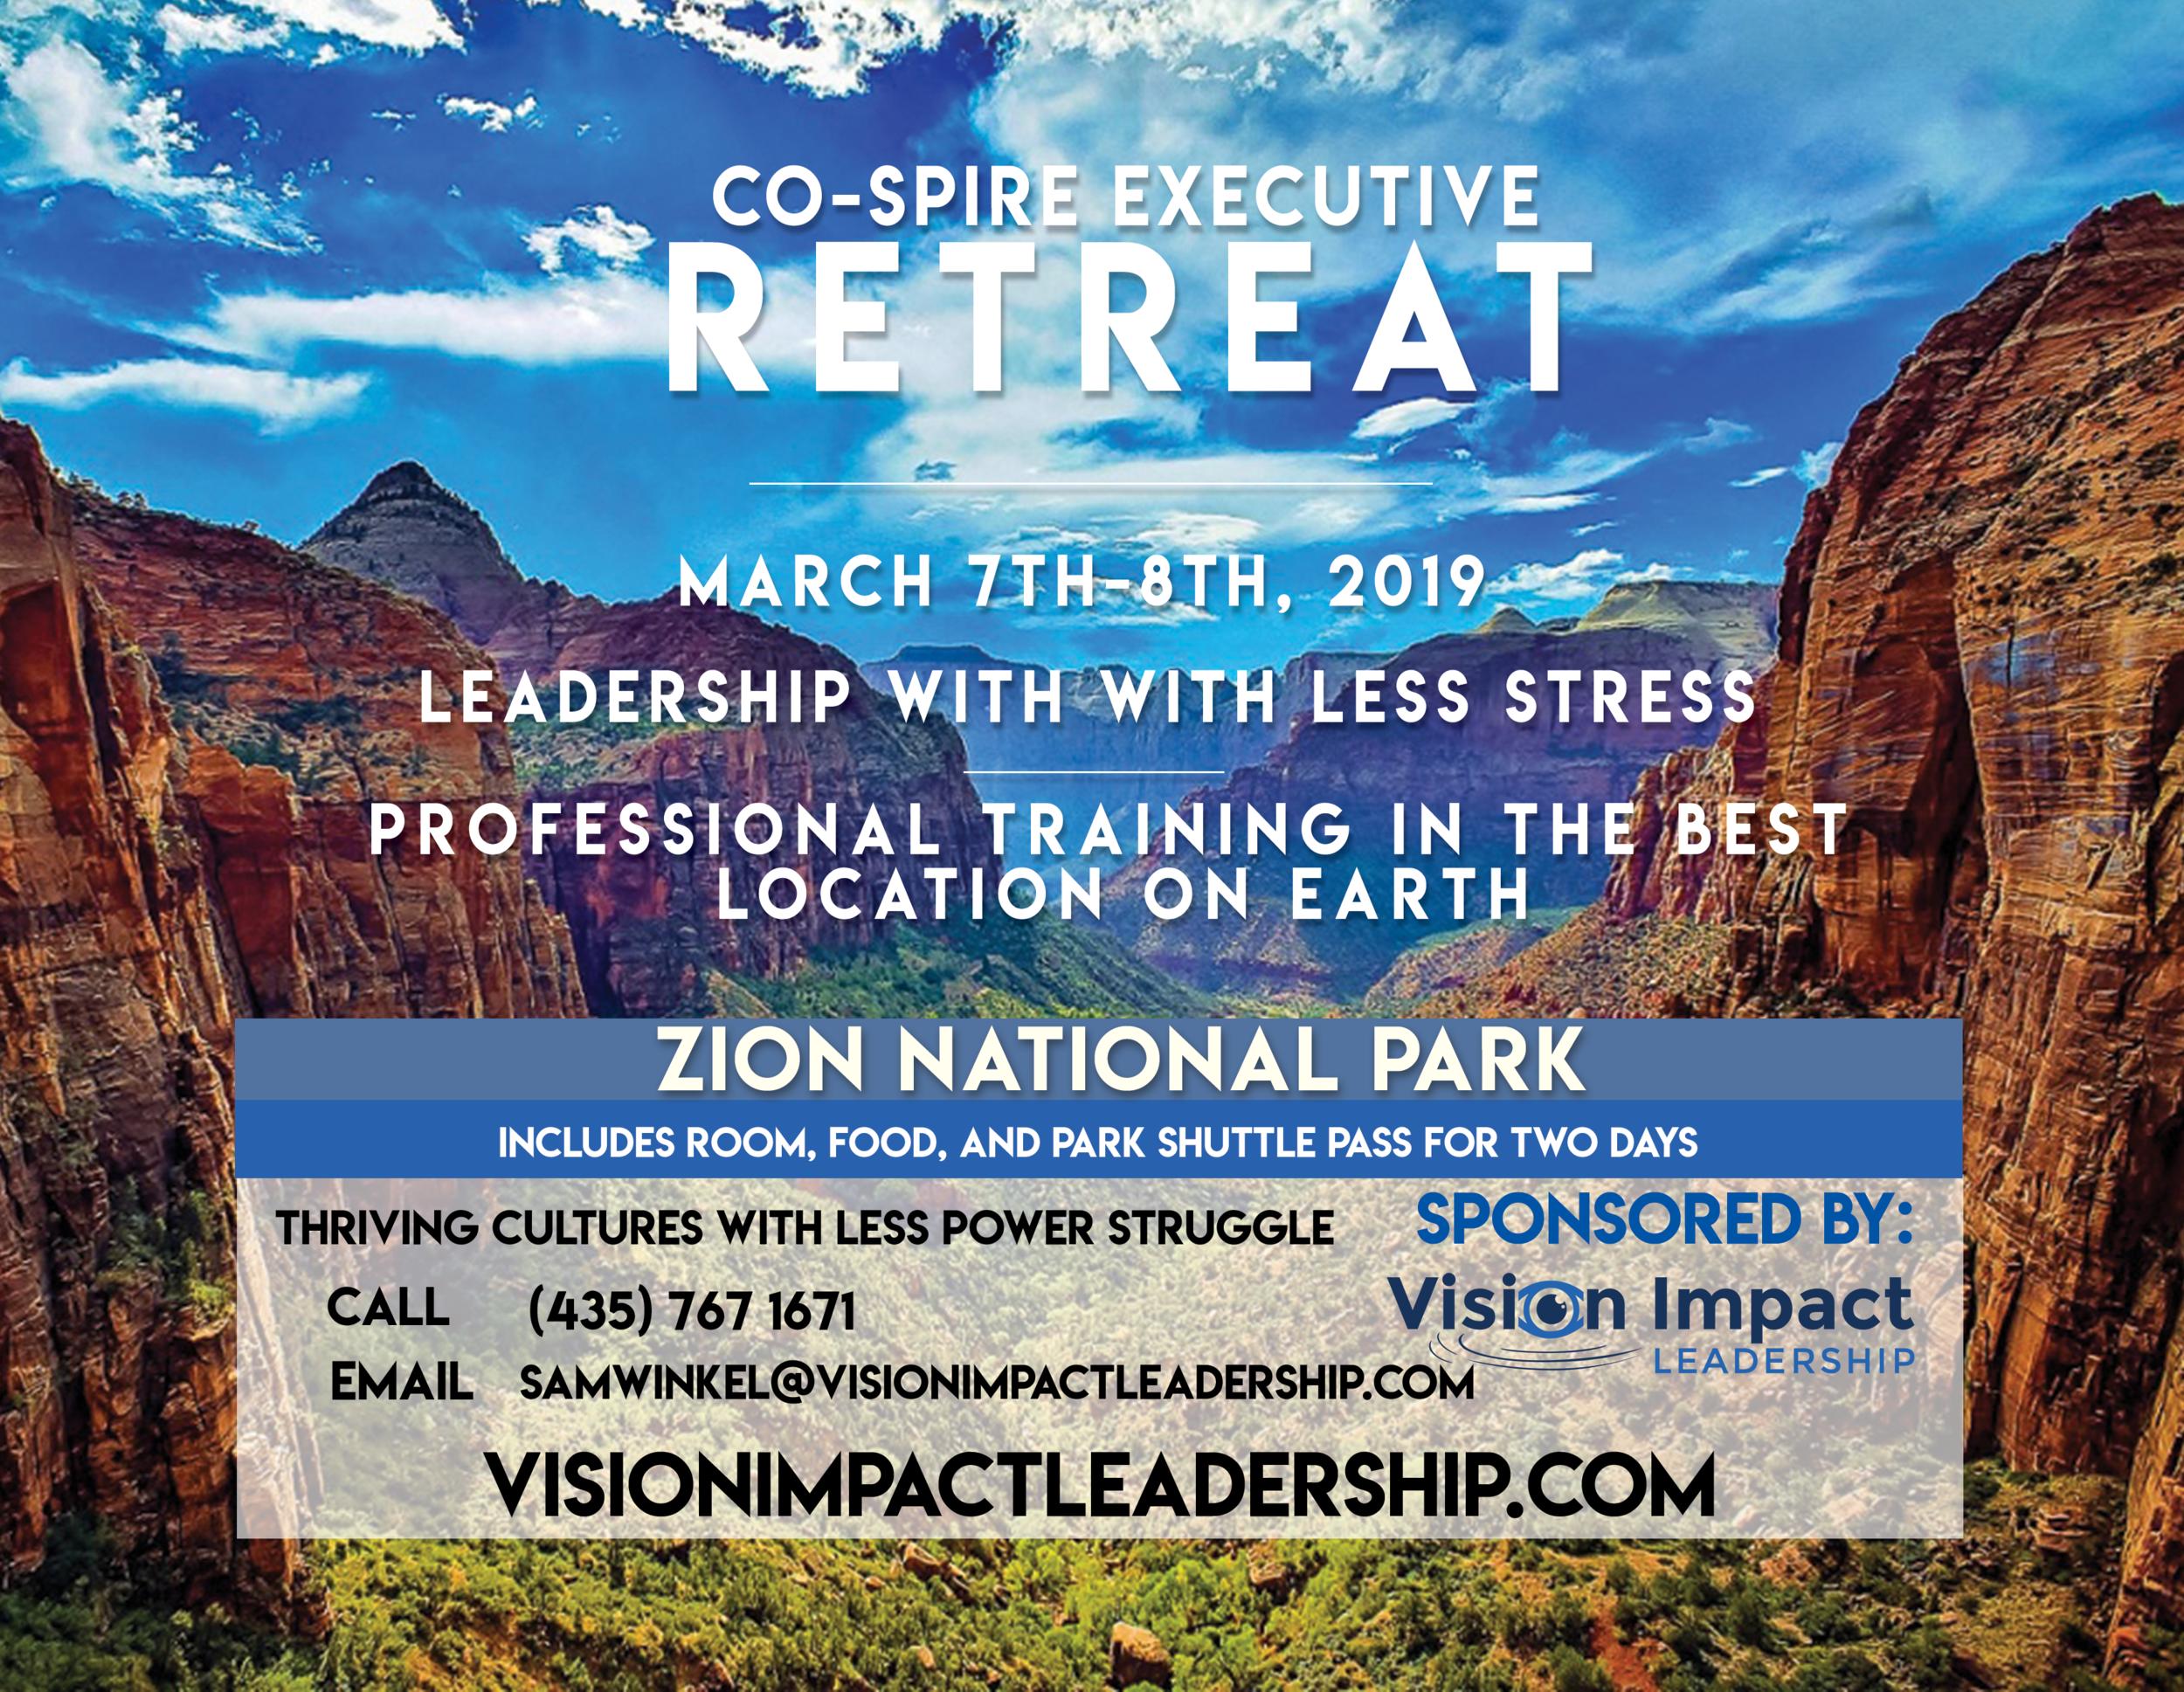 Co-spire 2019 Retreat Flier